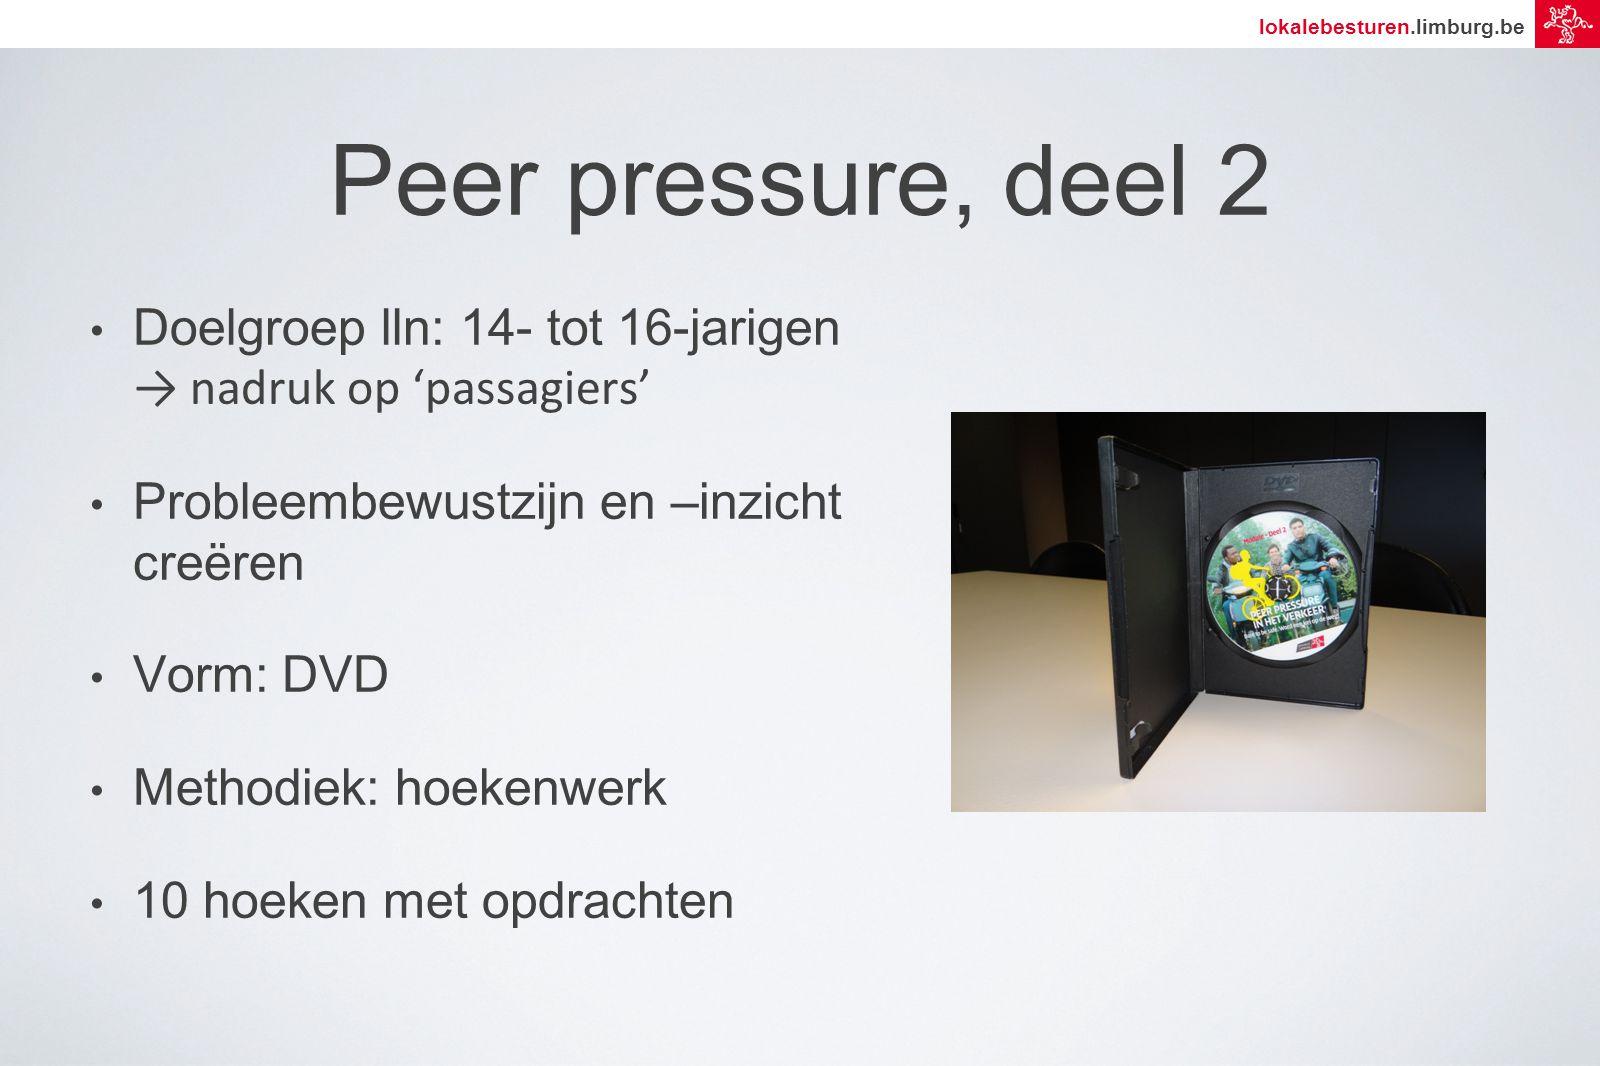 lokalebesturen.limburg.be Peer pressure, deel 2 Doelgroep lln: 14- tot 16-jarigen → nadruk op 'passagiers' Probleembewustzijn en –inzicht creëren Vorm: DVD Methodiek: hoekenwerk 10 hoeken met opdrachten